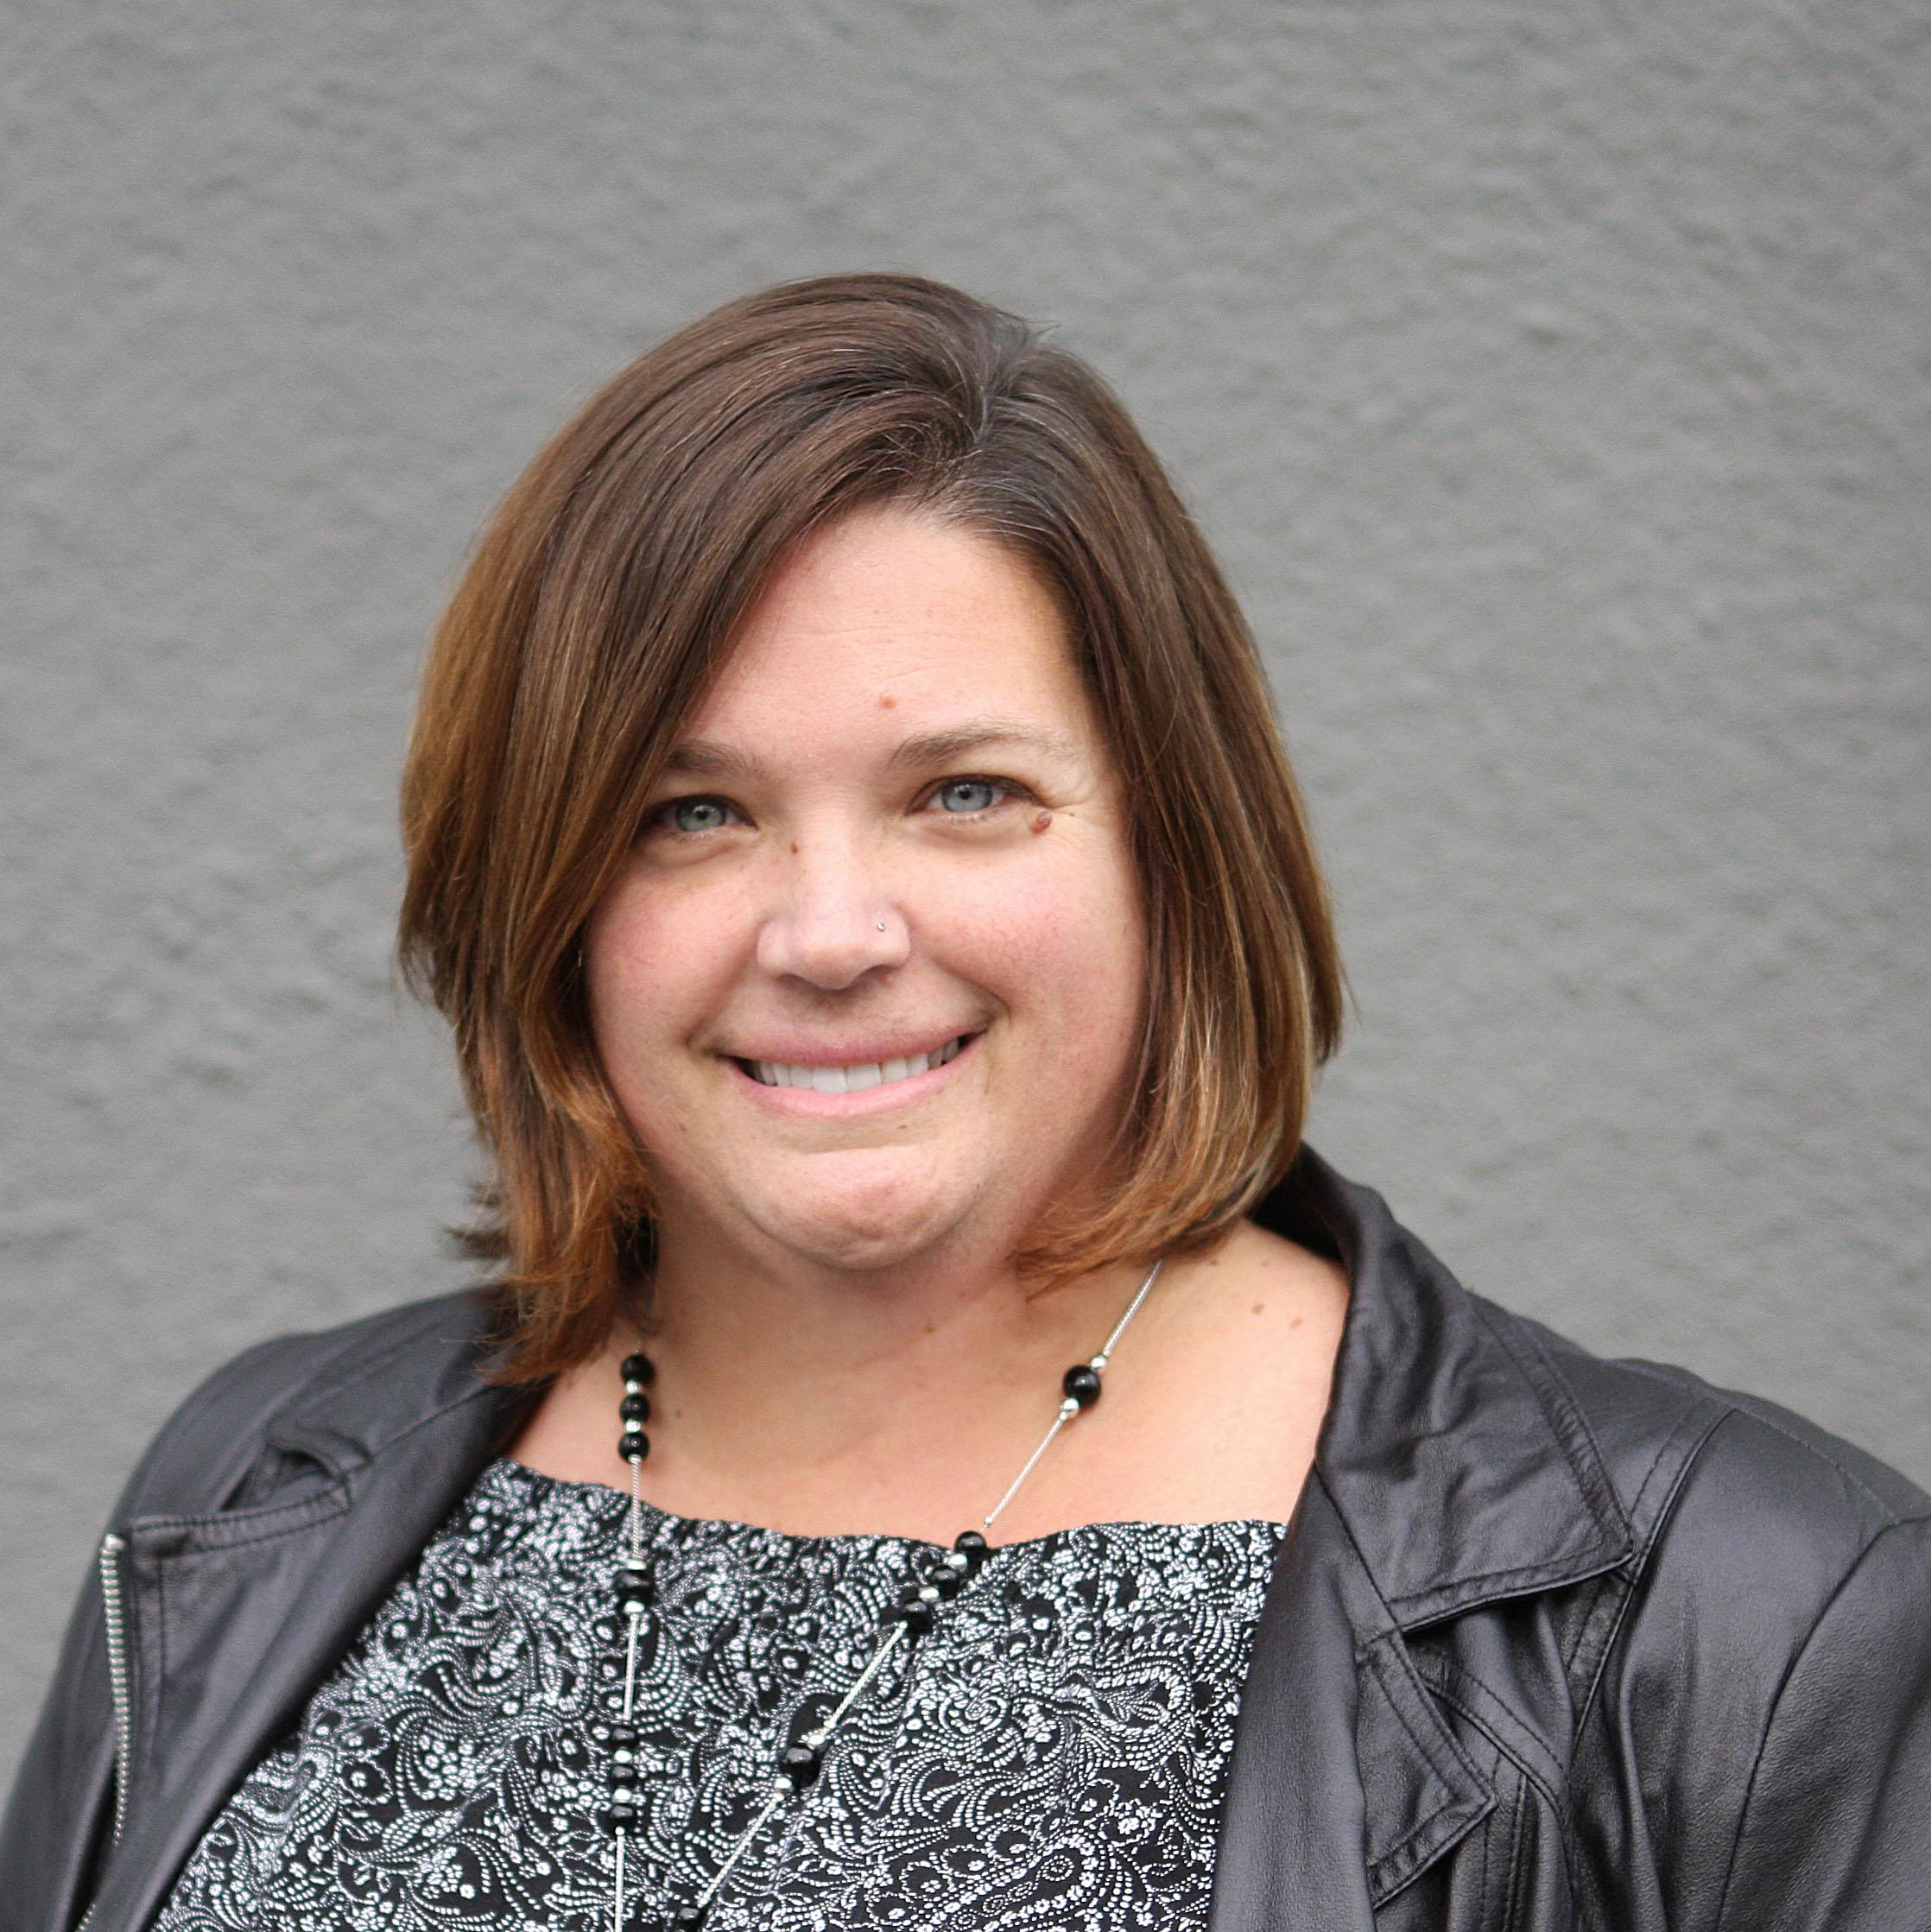 Kari Berger